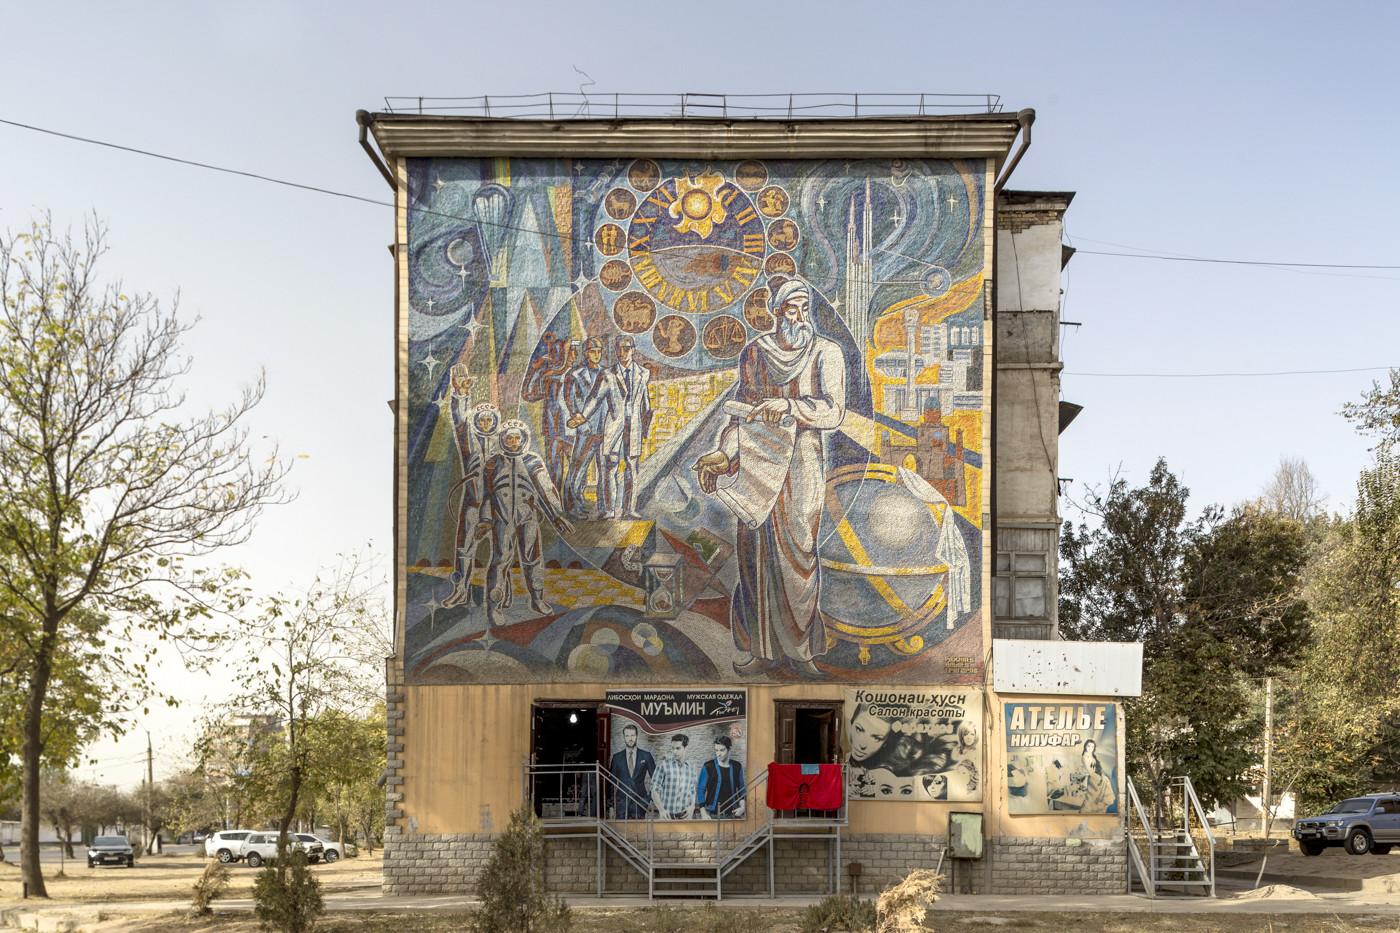 Mosaico di Avicenna (1988). Dushanbe, Tajikistan